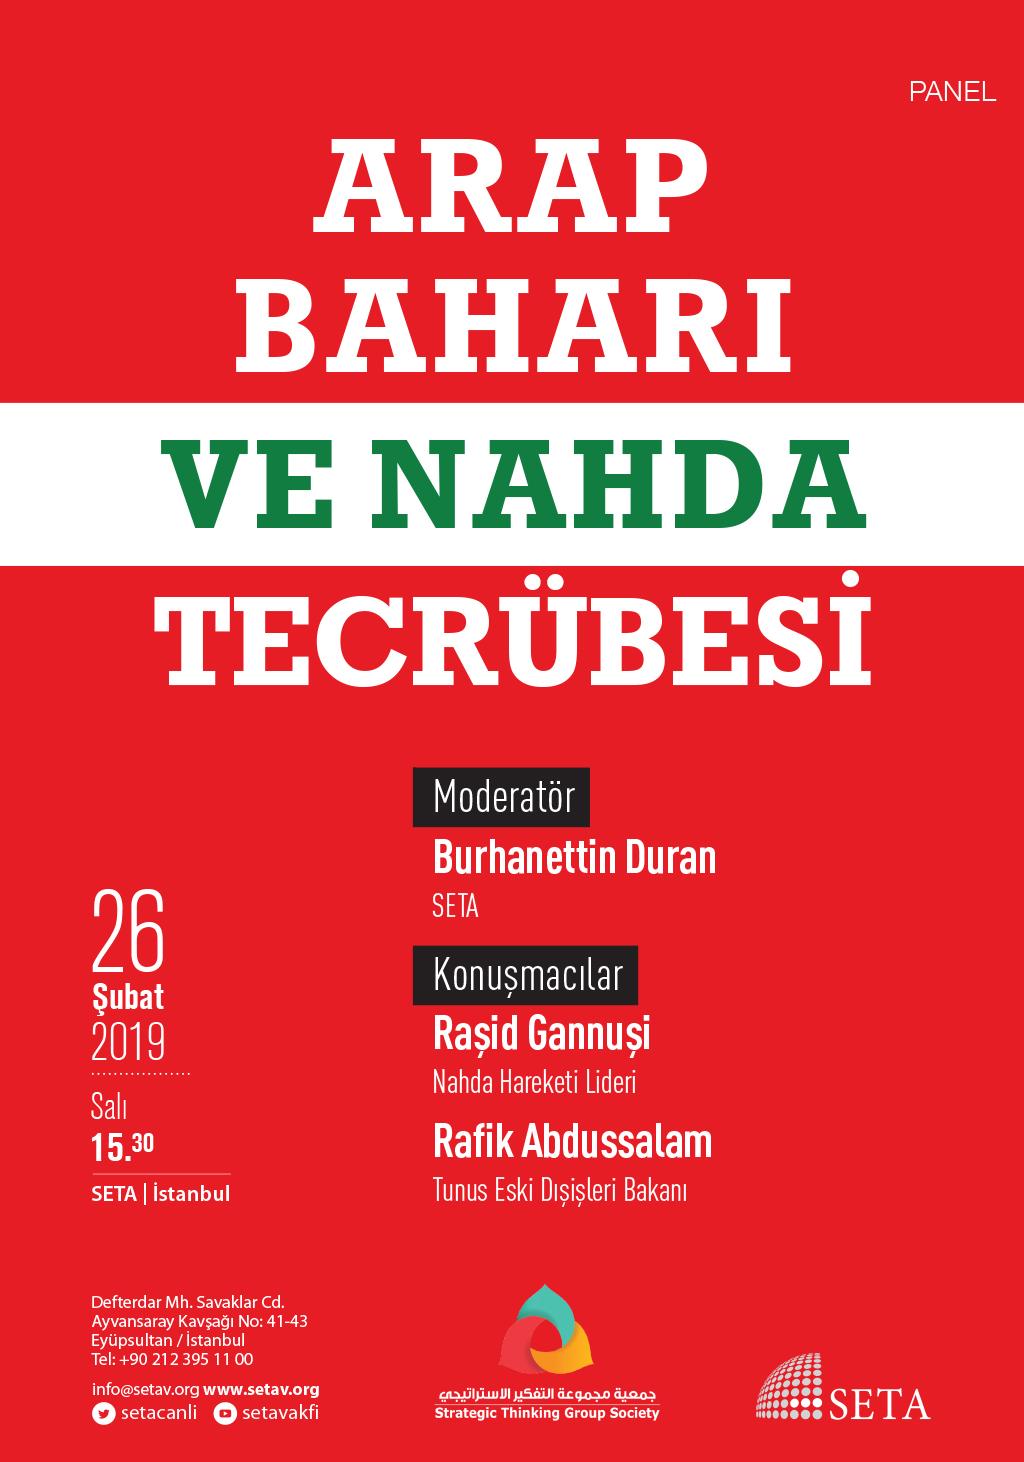 Panel: Arap Baharı ve Nahda Tecrübesi